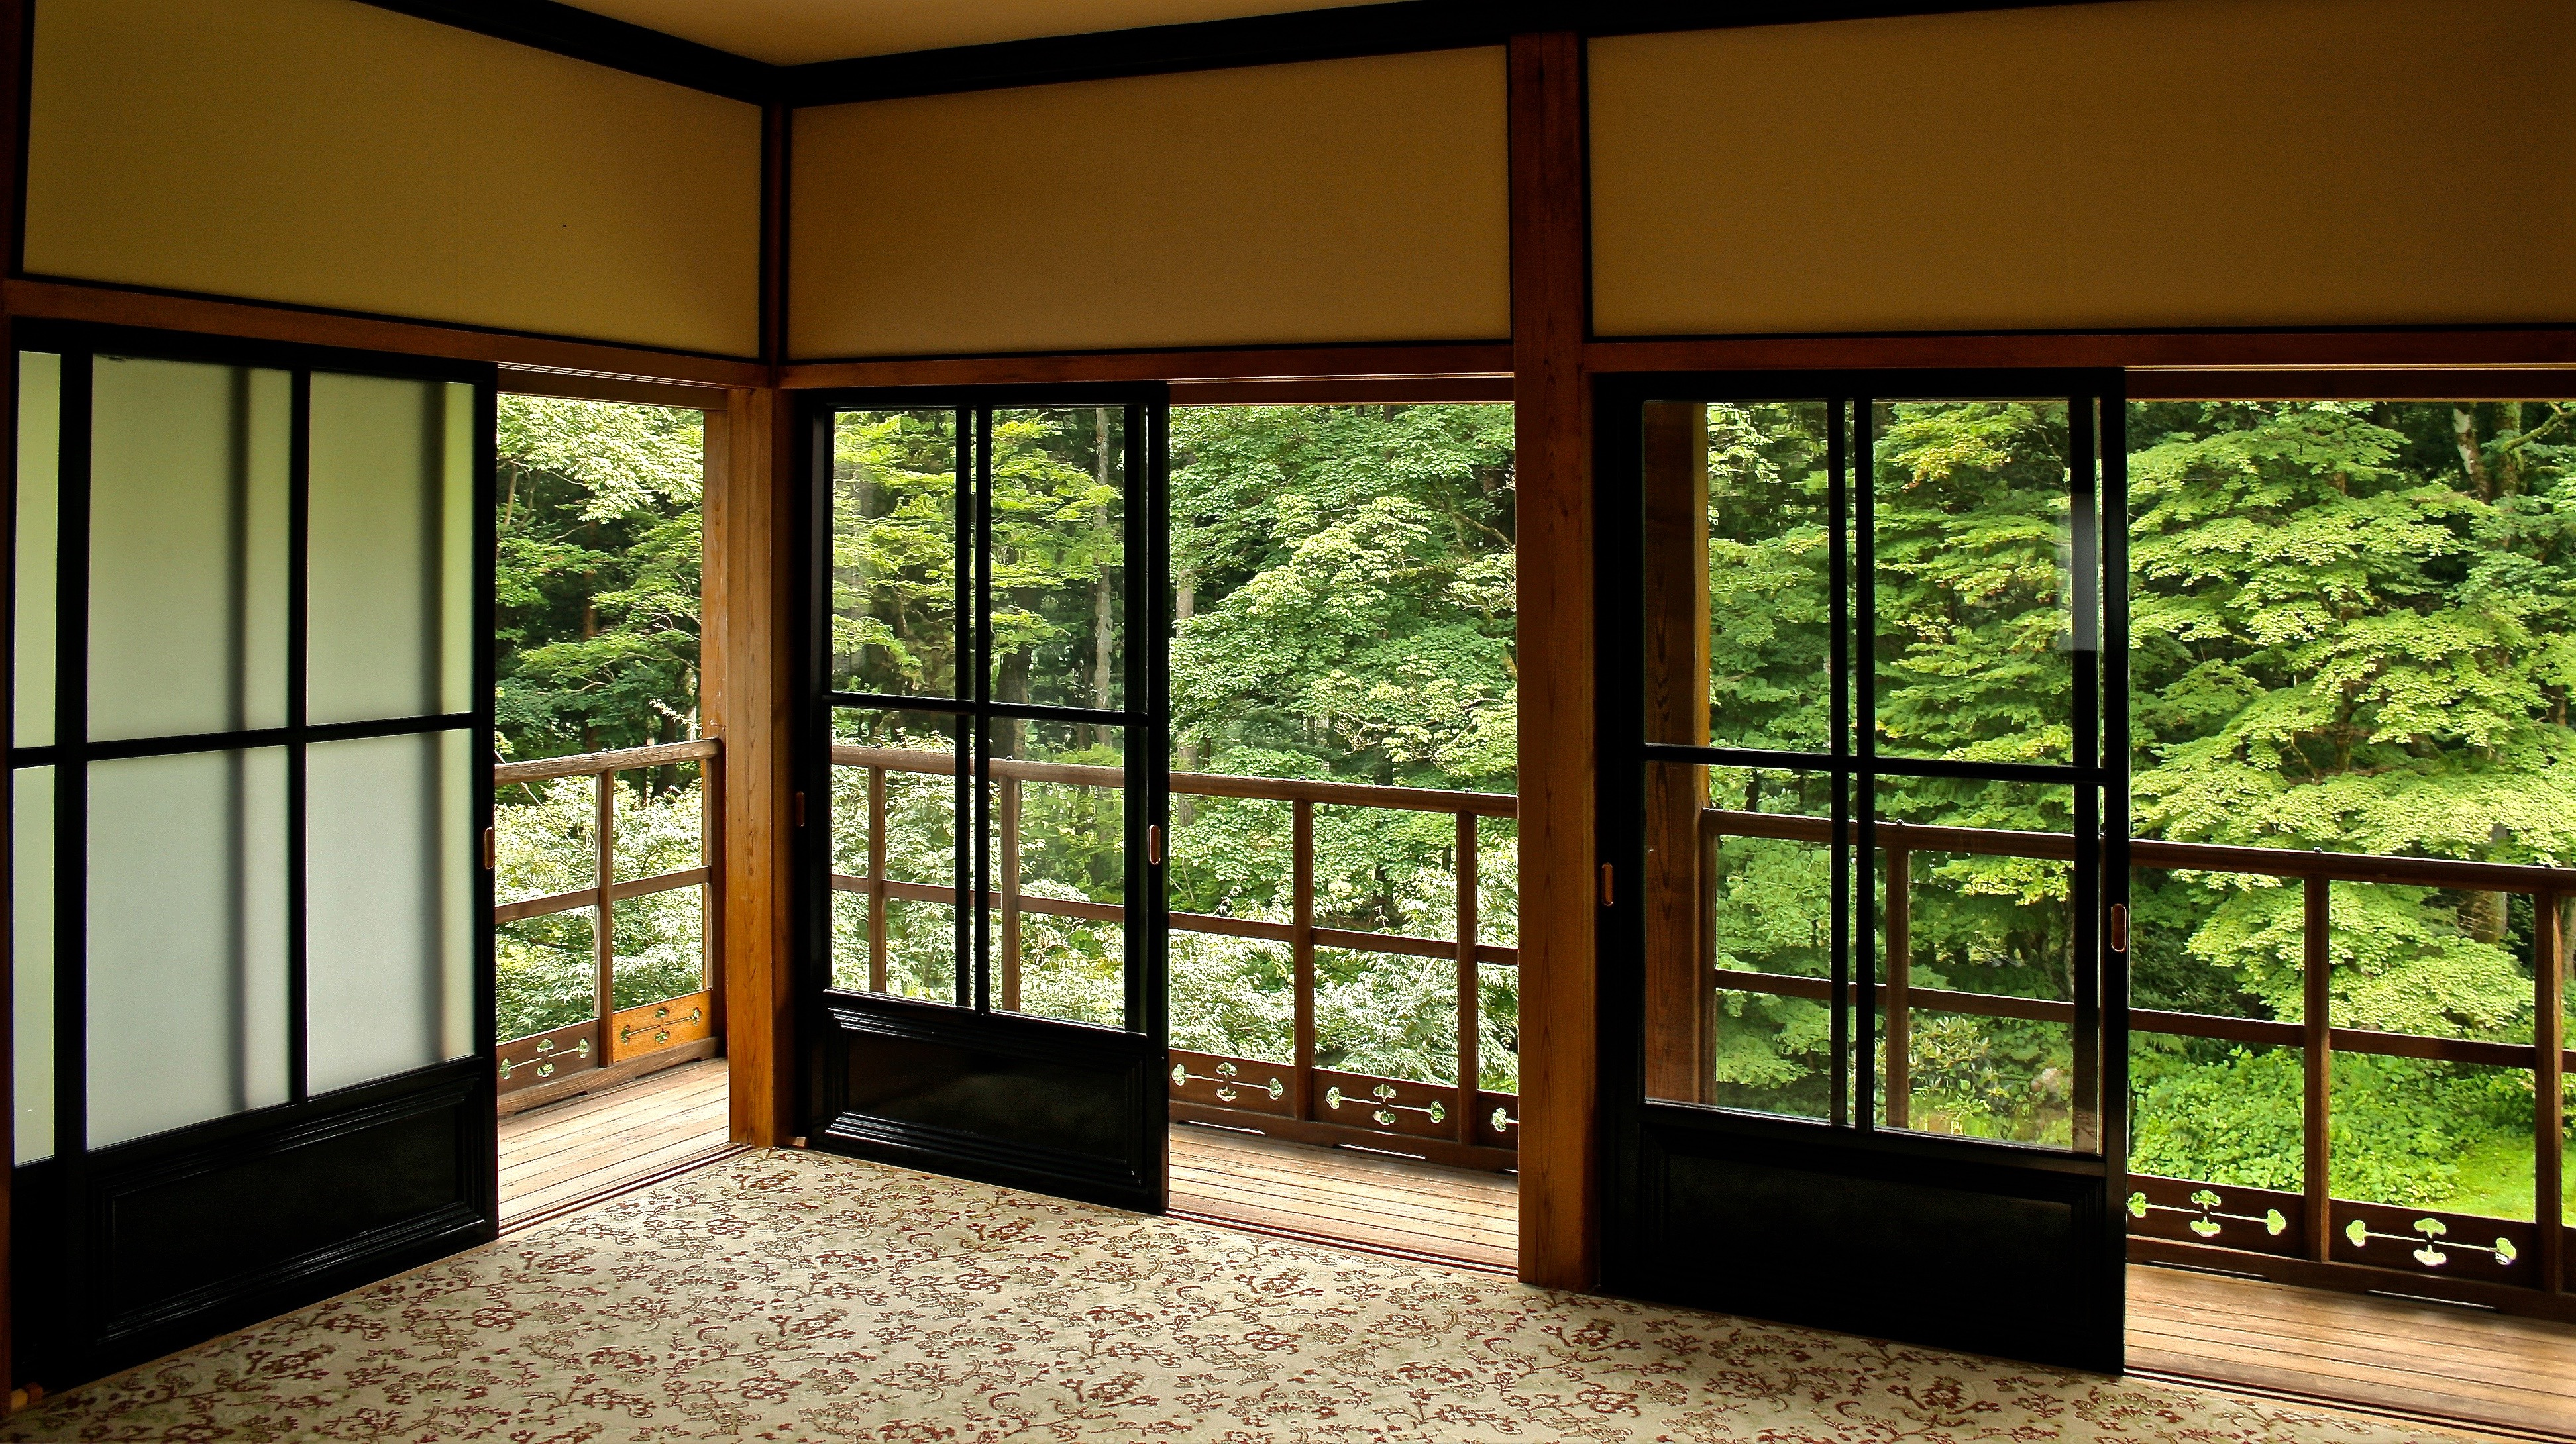 Ventilació en una casa japonesa